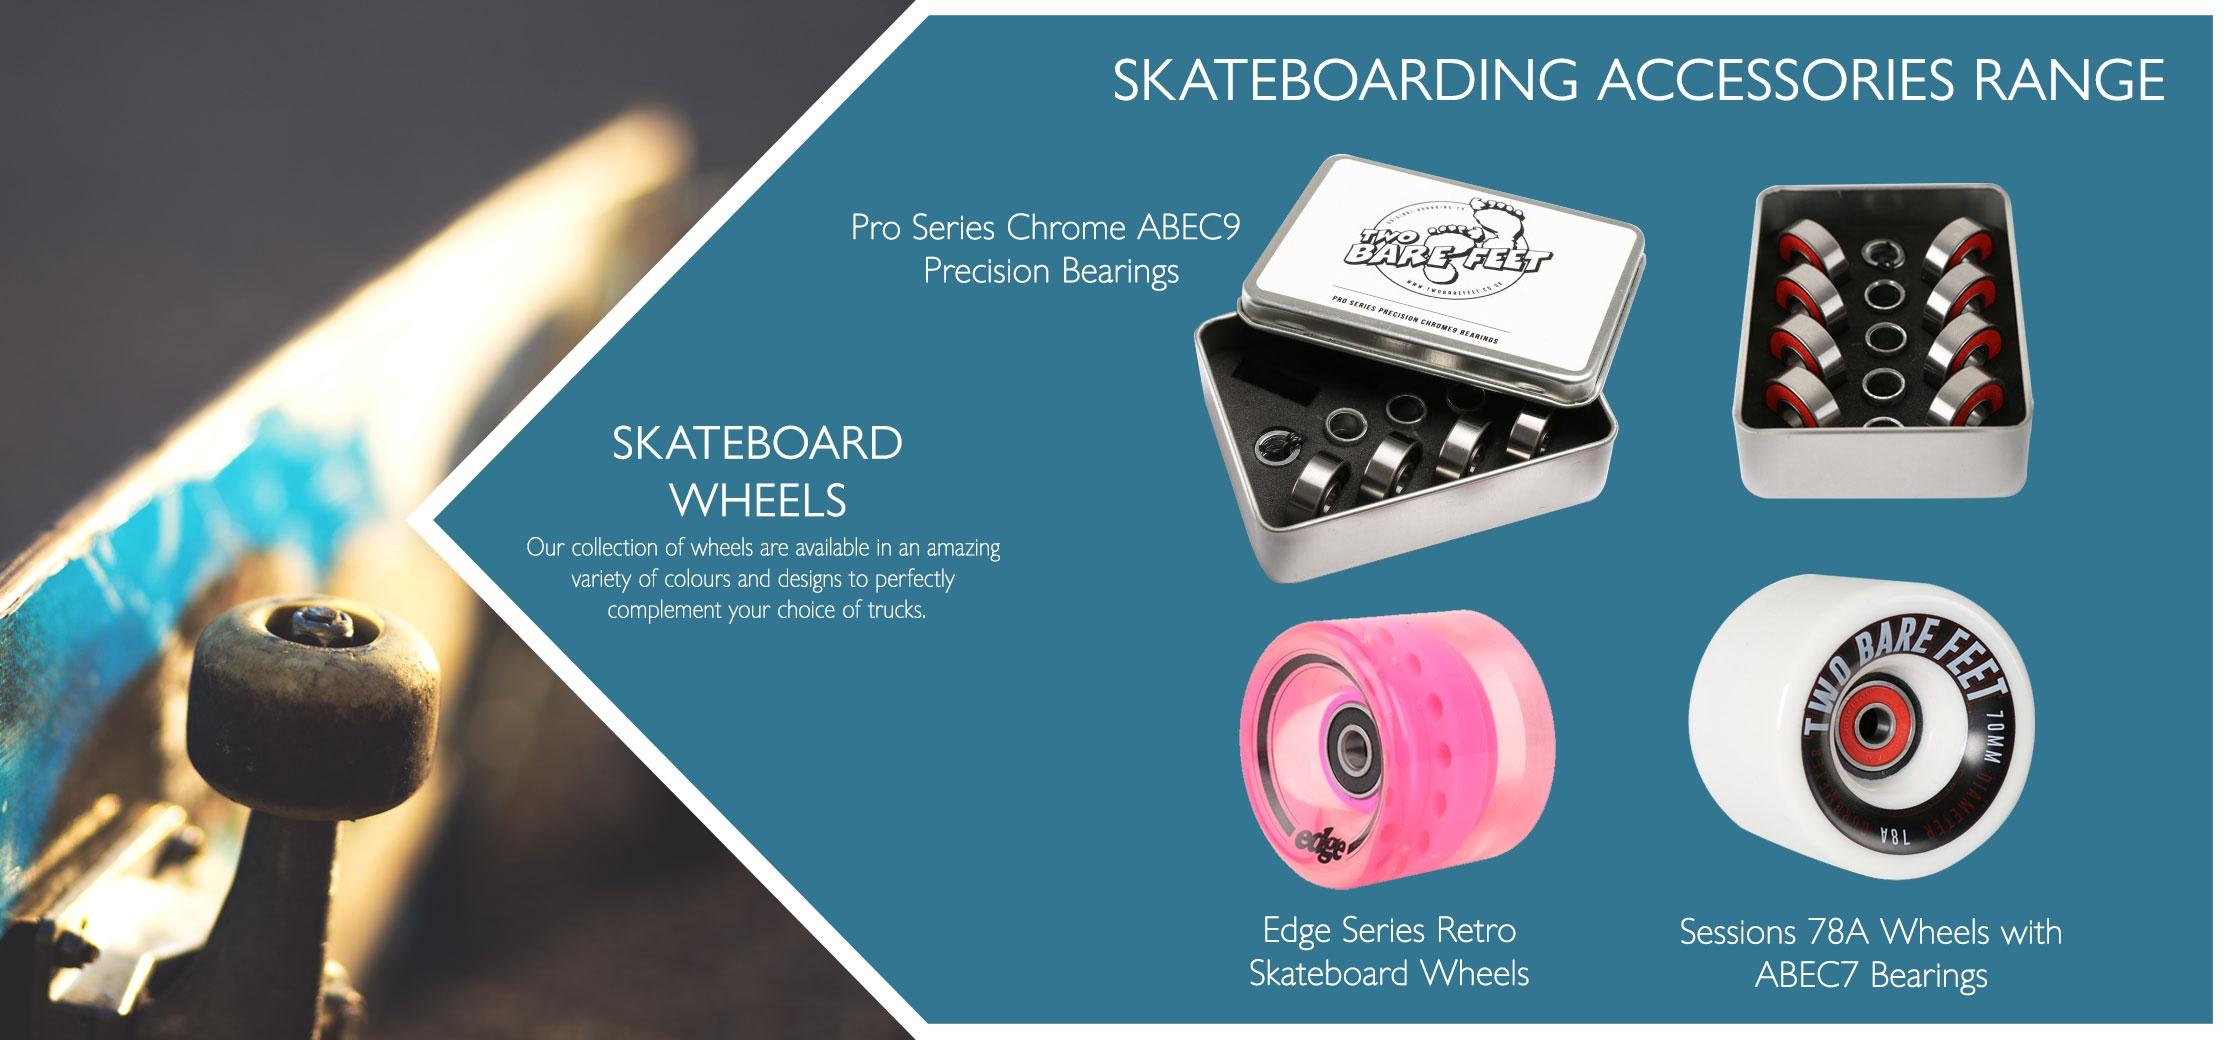 Skateboard Wheels info